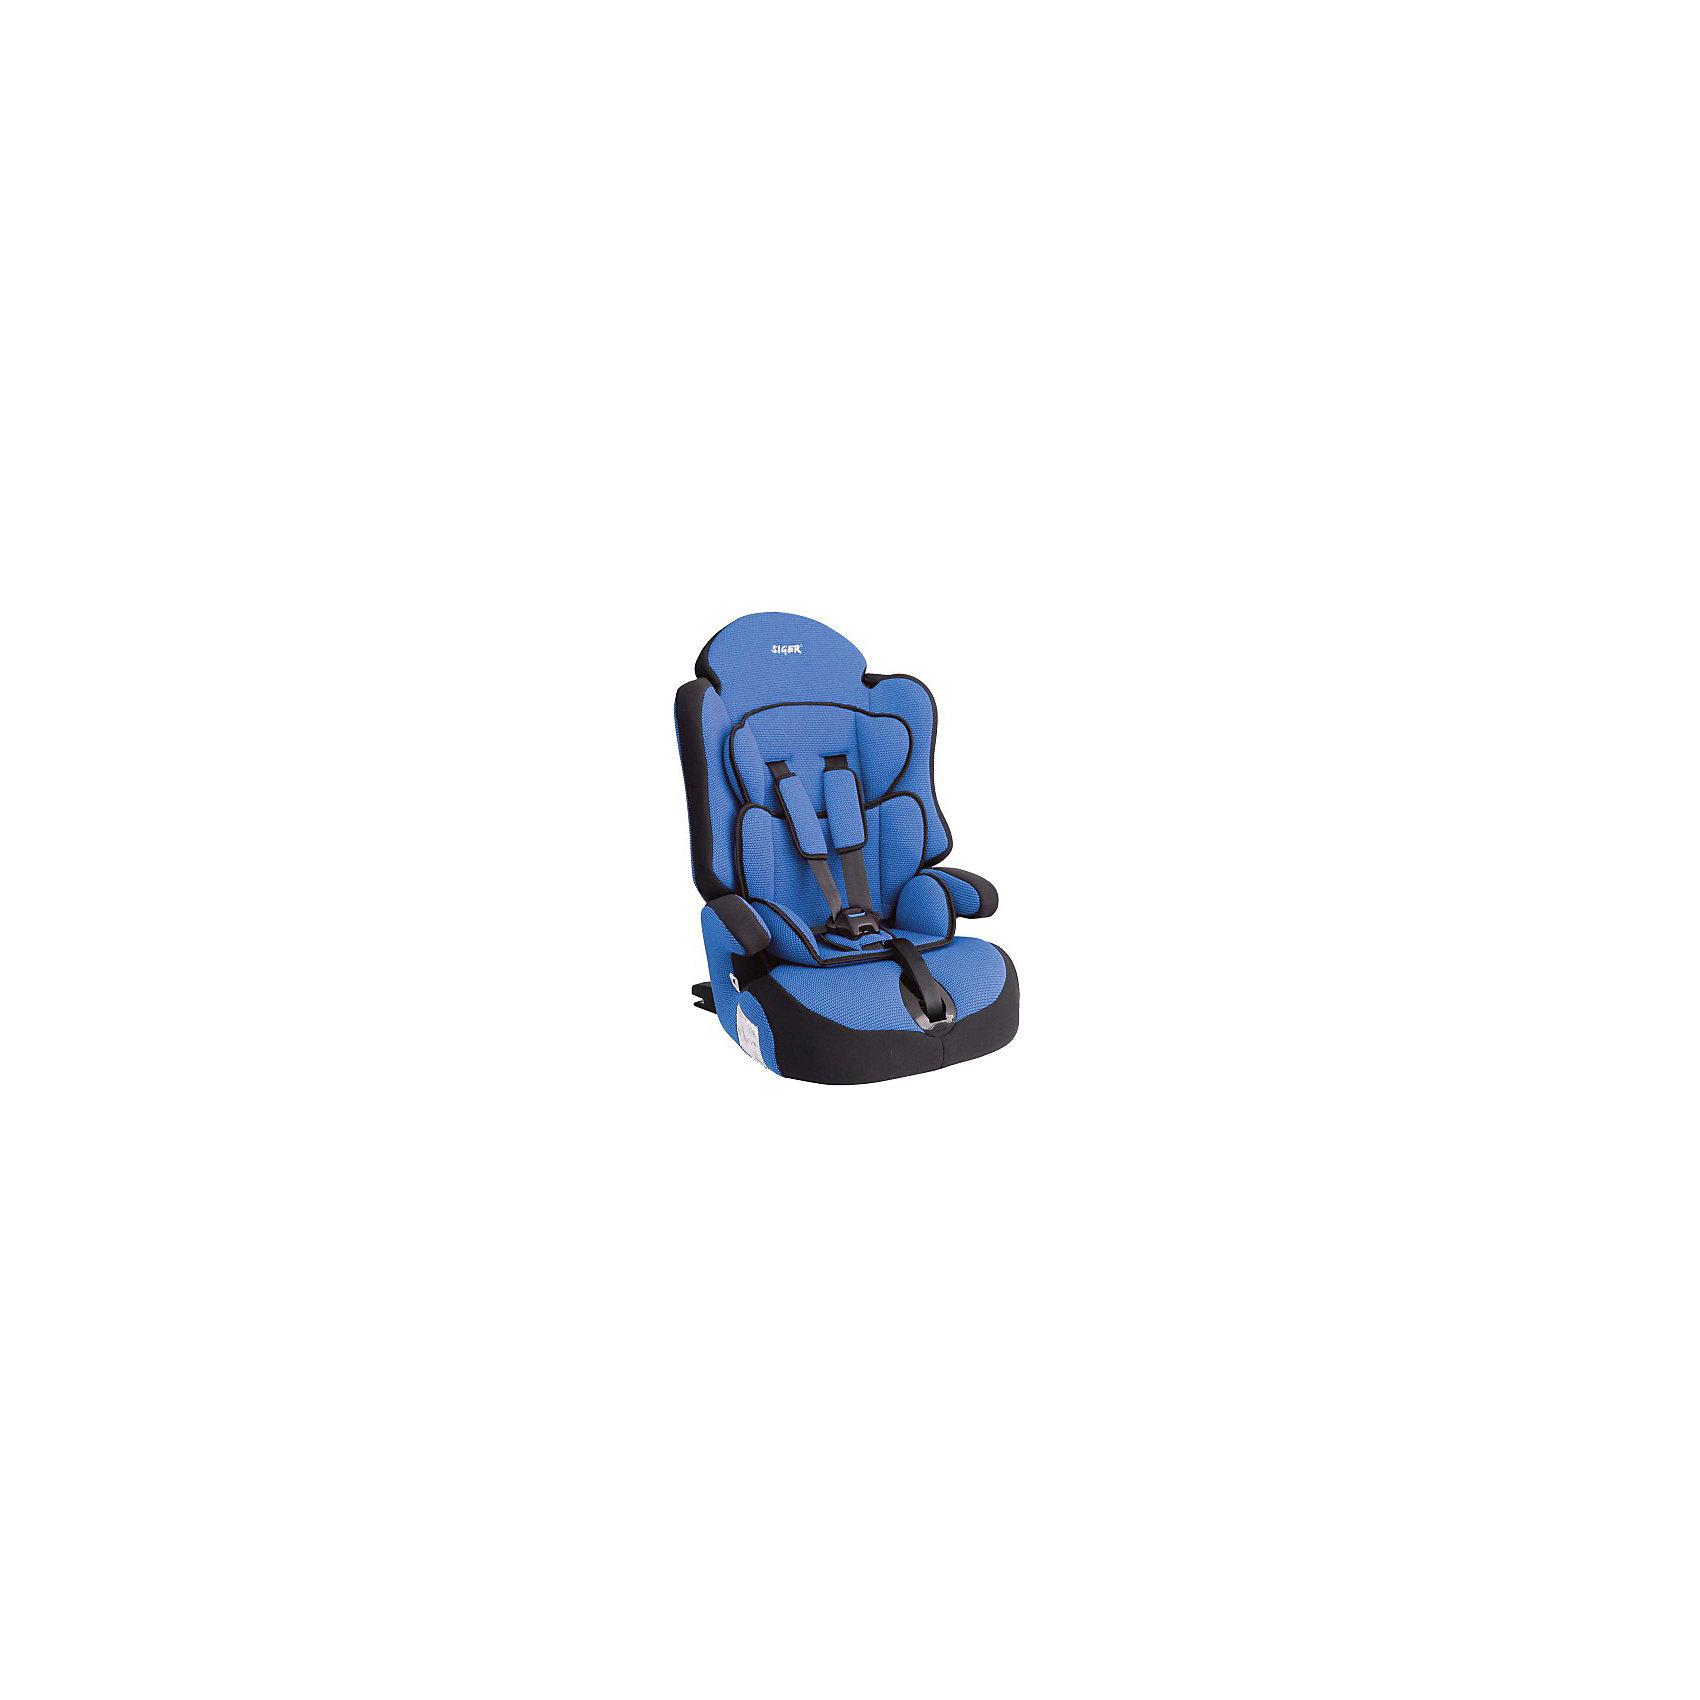 Автокресло Прайм isofix 9-36 кг., Siger, синий